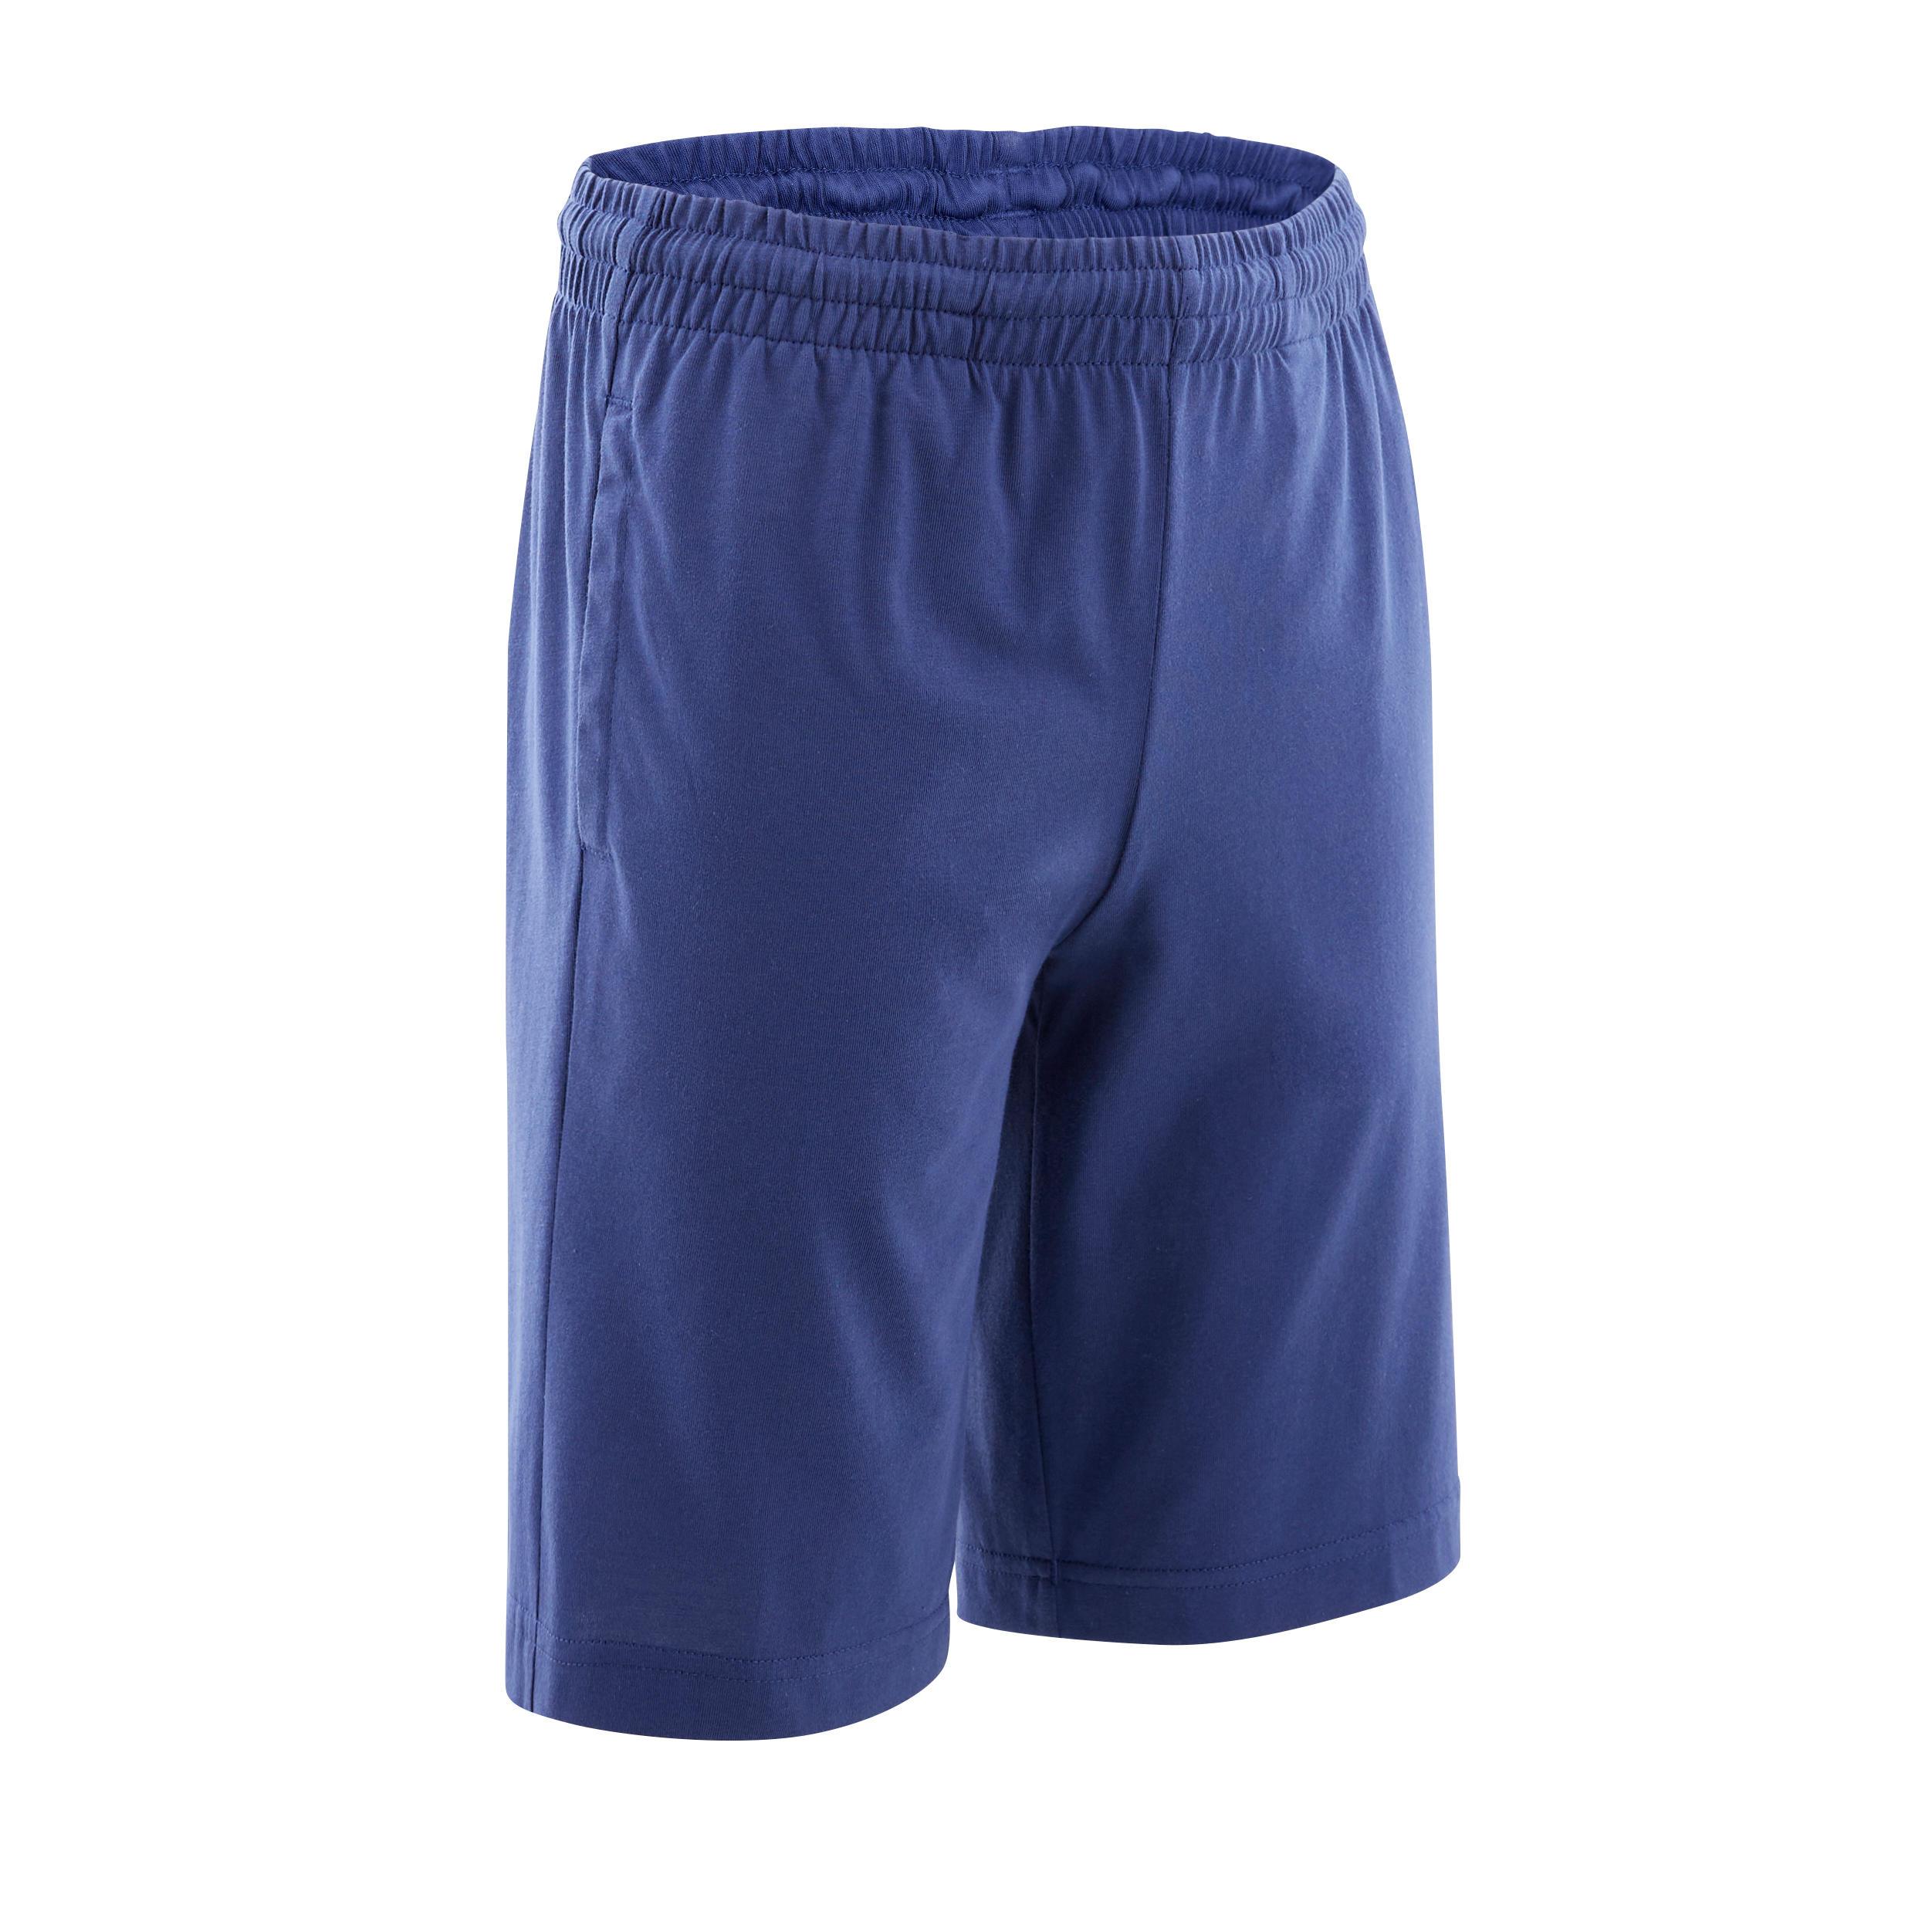 Shorts kurz mit Adidas-Logo auf dem Oberschenkel